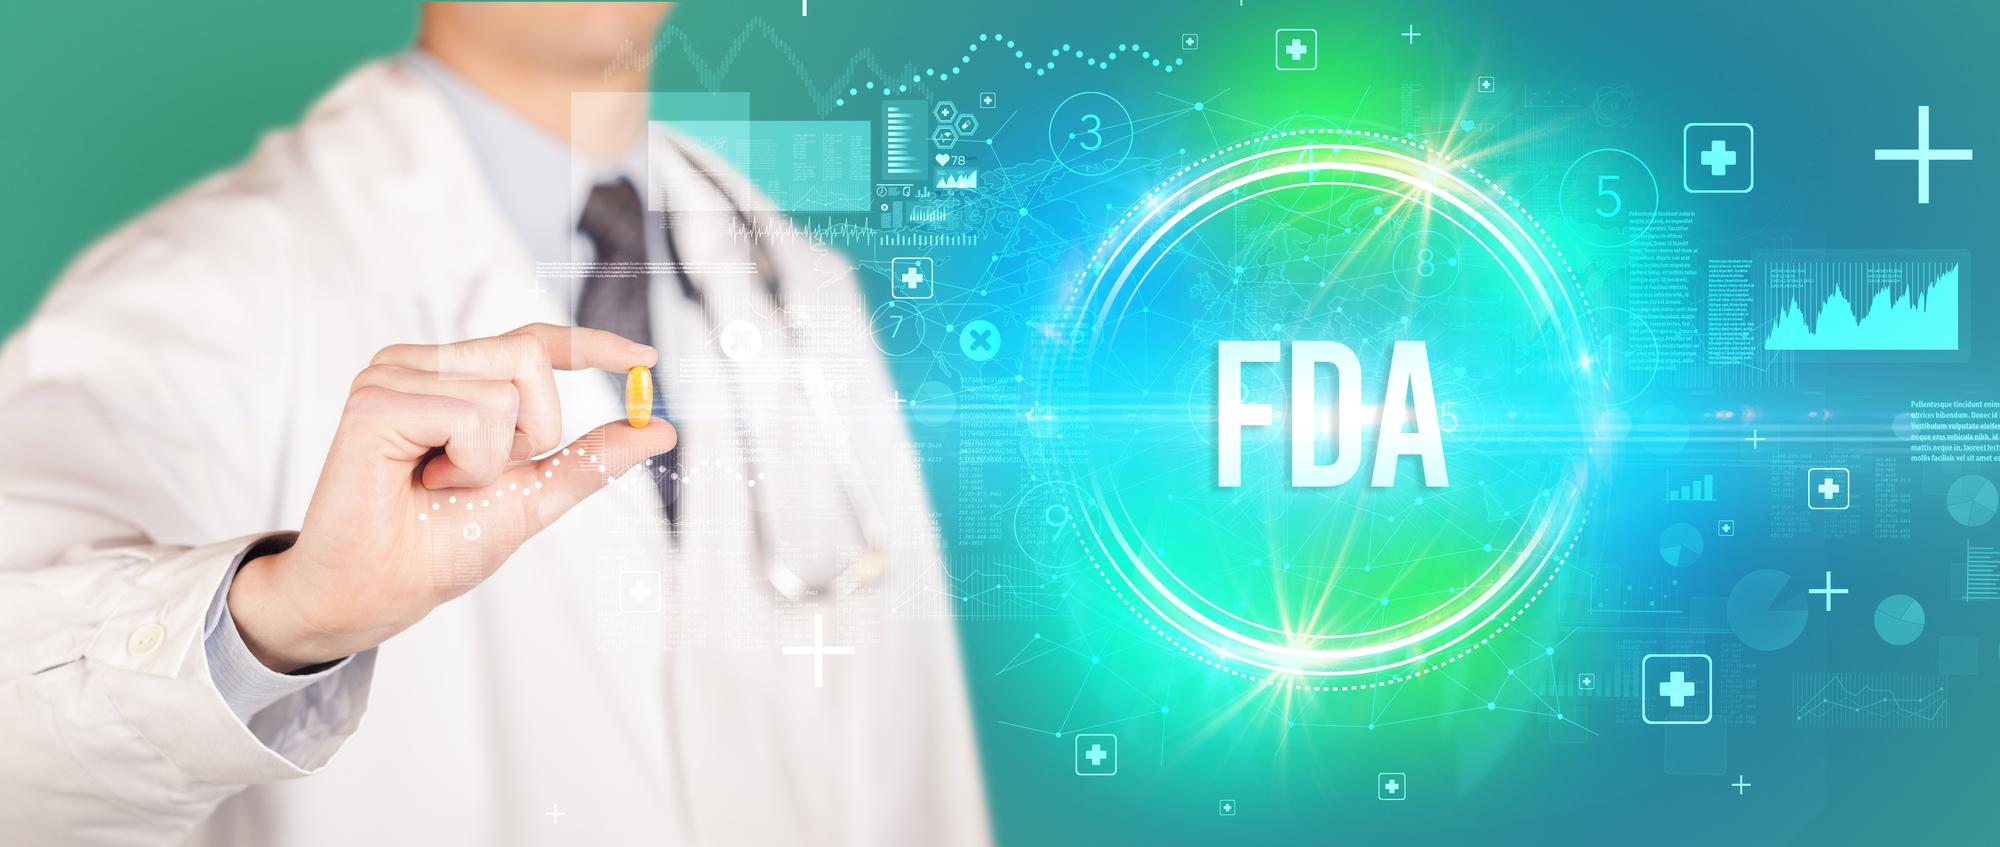 Эксперты обеспокоены решением FDA одобрить адуканумаб— лекарство от болезни Альцгеймера снедостаточно доказанными эффективностью ибезопасностью.